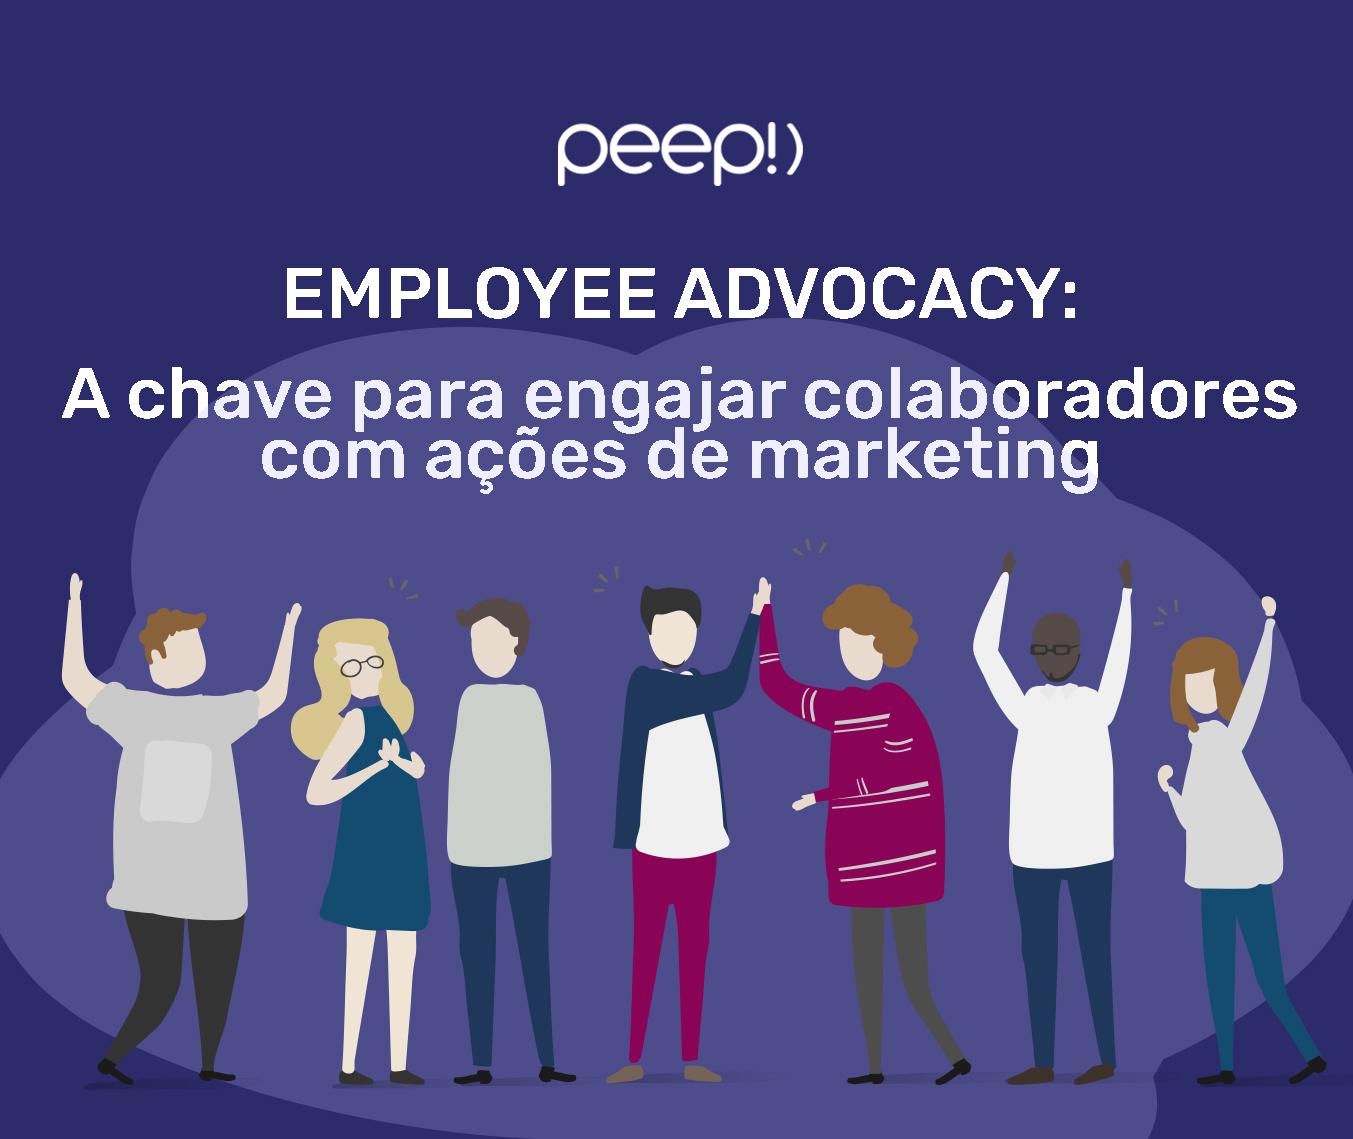 EMPLOYEE ADVOCACY:   a chave para engajar colaboradores com ações de marketing